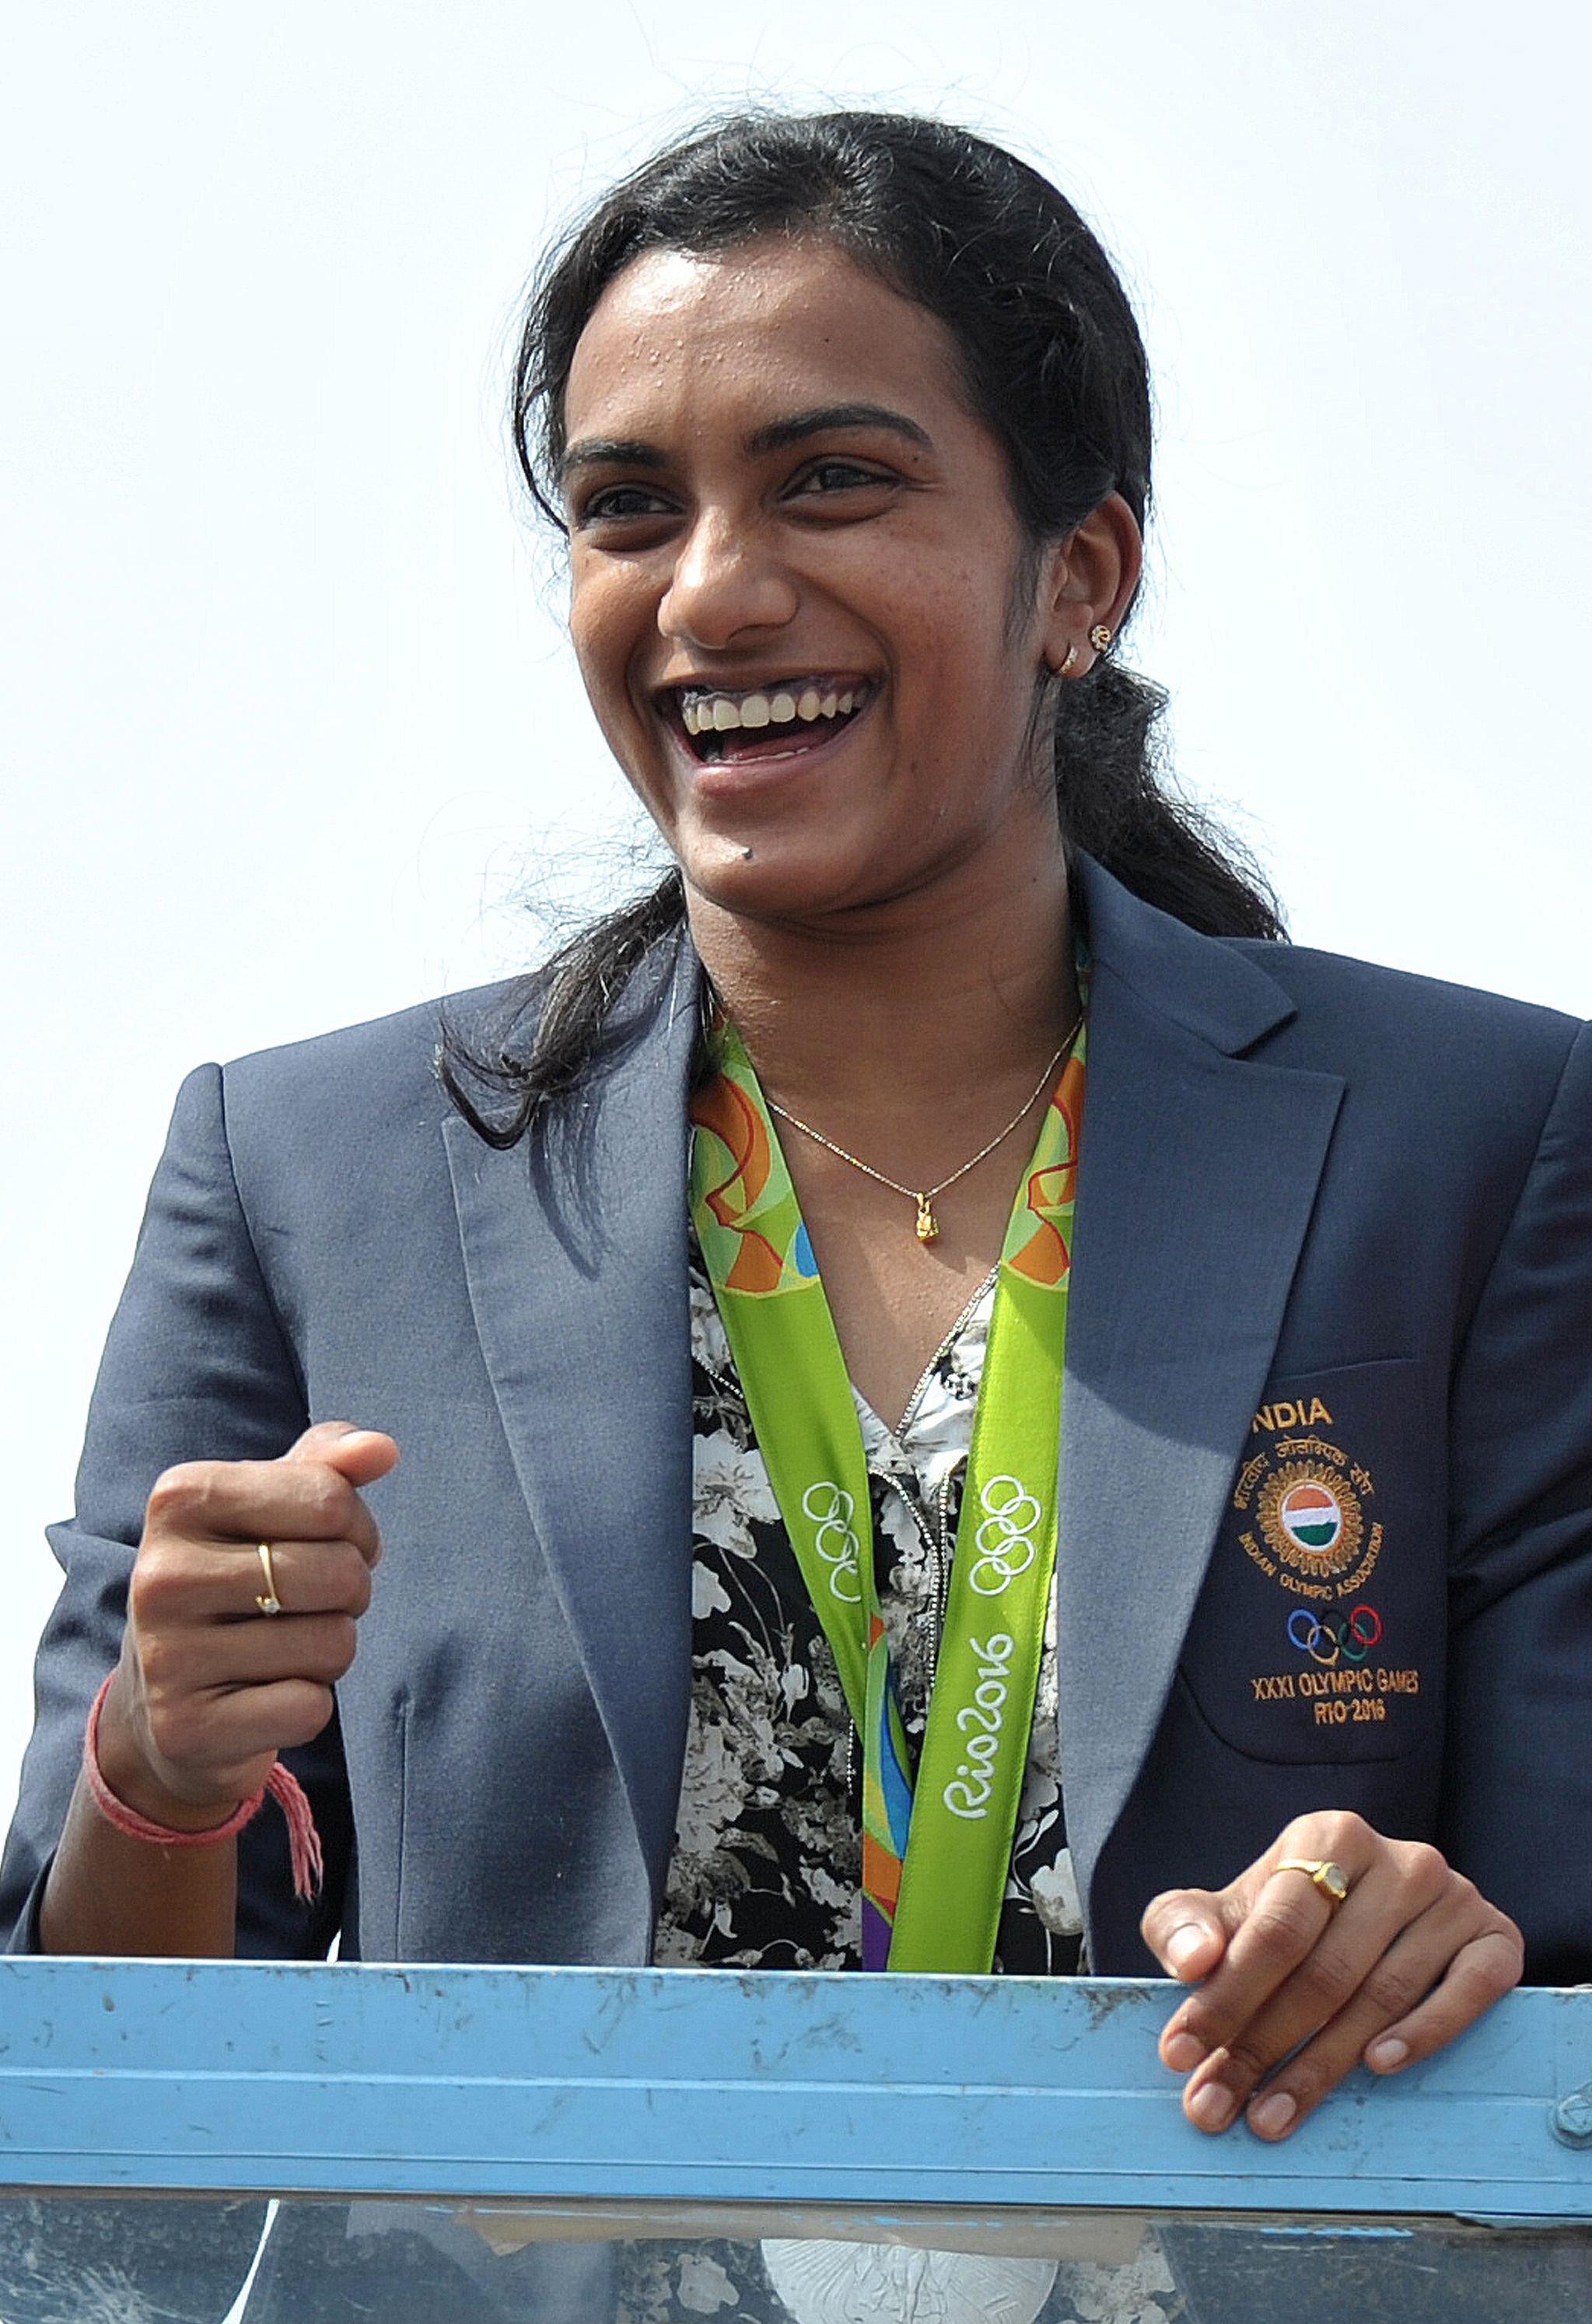 لاعبة الريشة الطائرة الهندية سيندهي